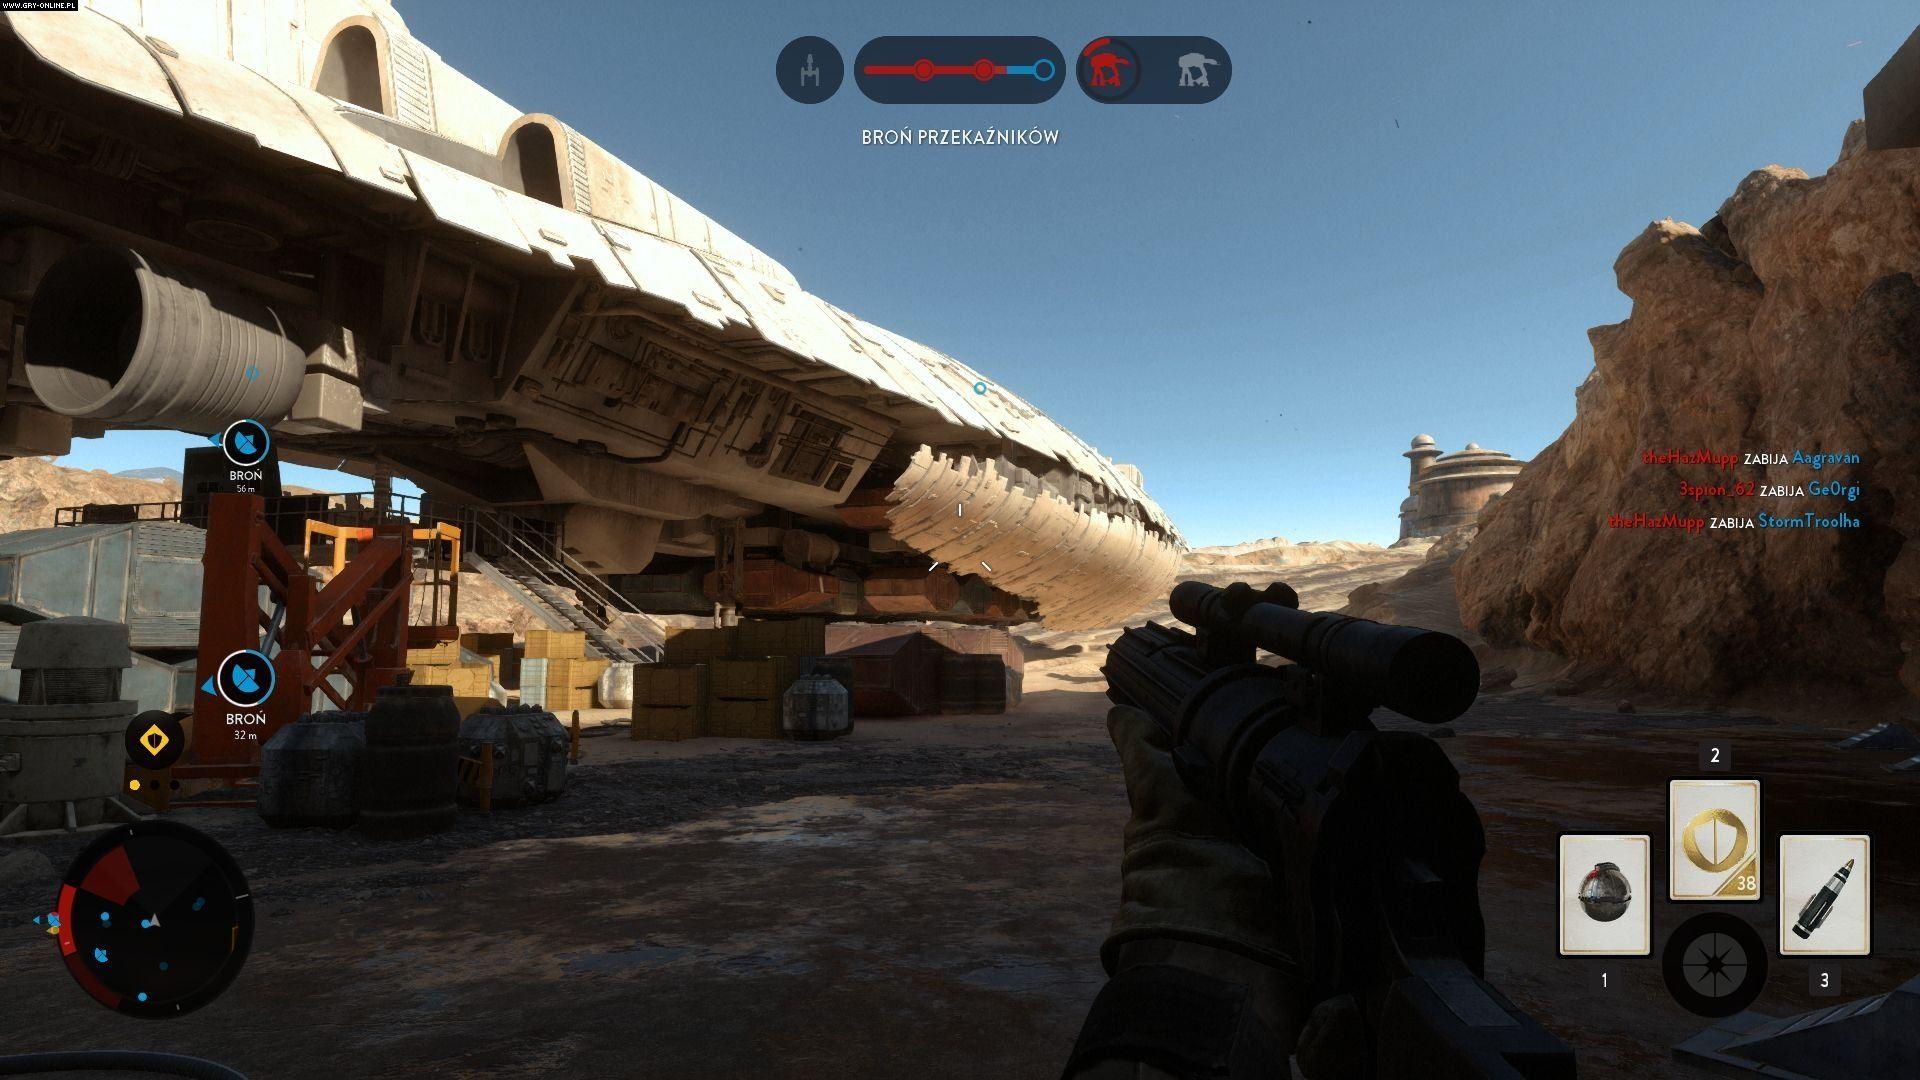 Star Wars Battlefront image #2